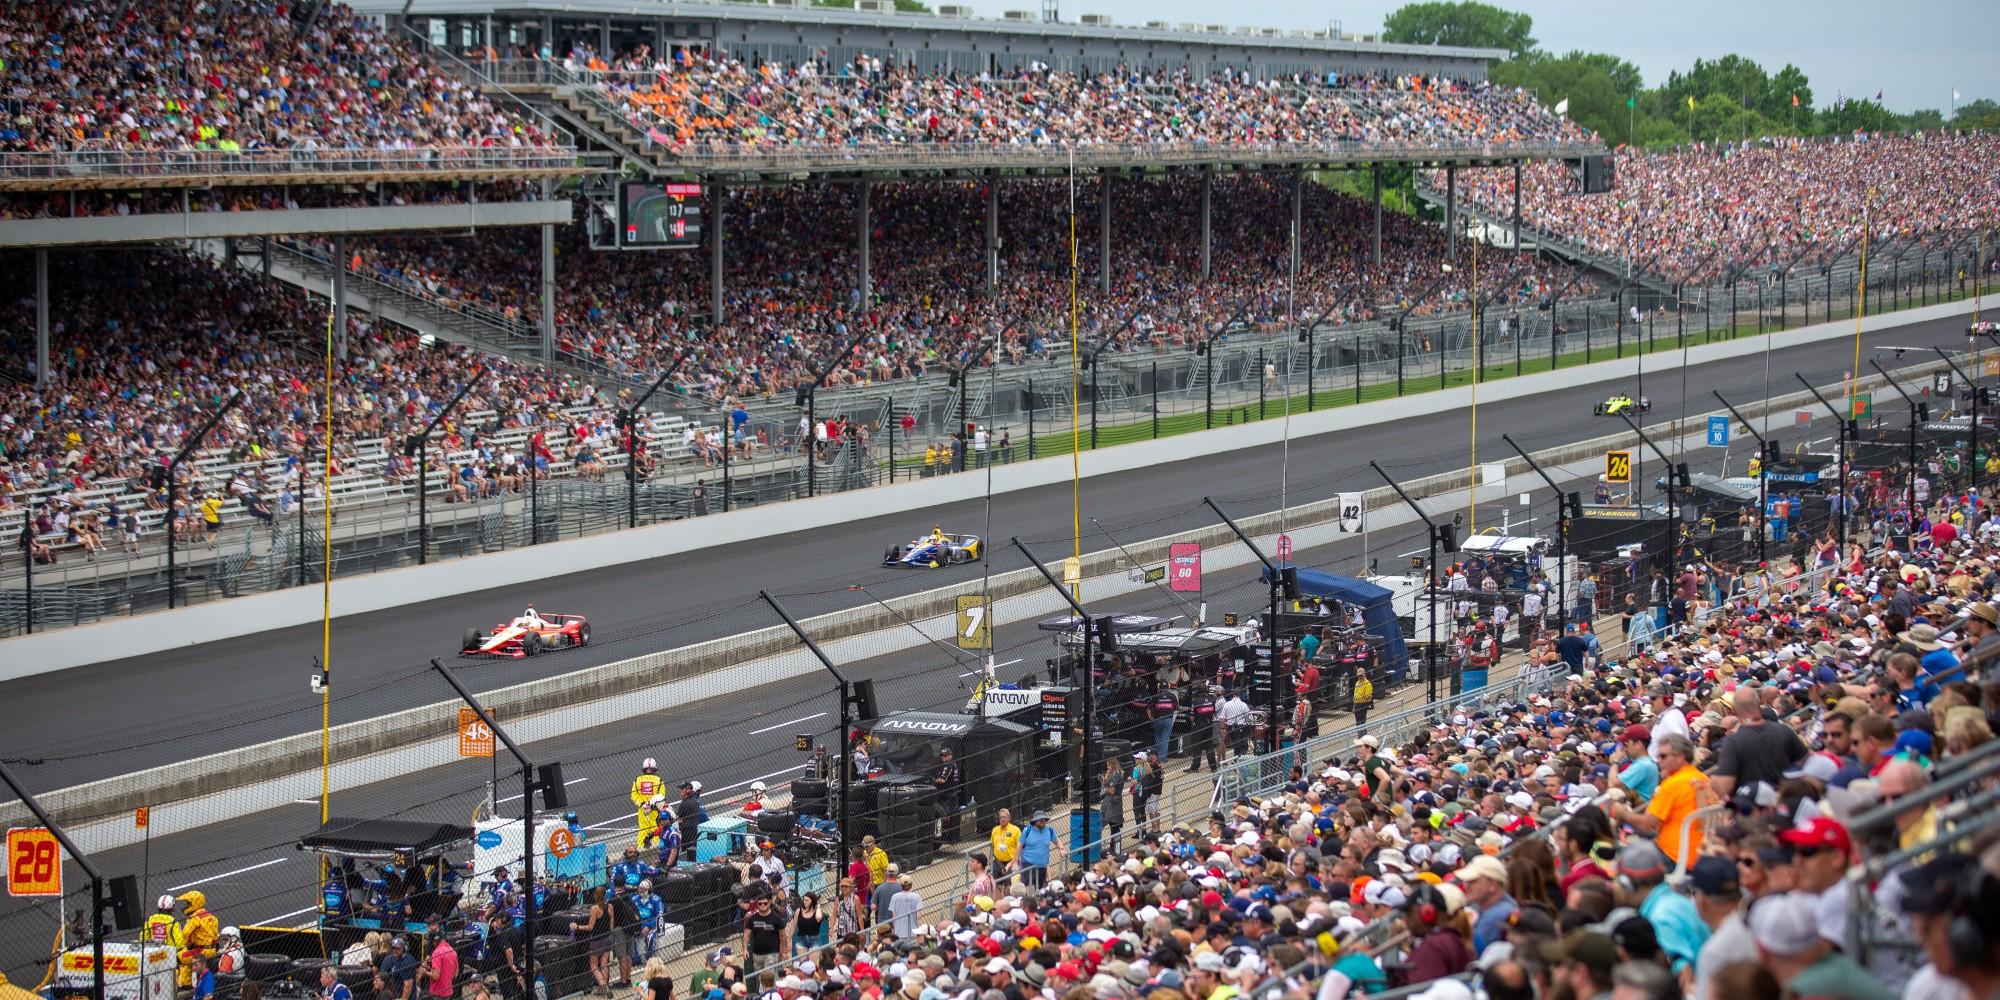 Malgré la pandémie, les organisateurs des 500 miles d'Indianapolis prévoient d'accueillir 135.000 spectateurs